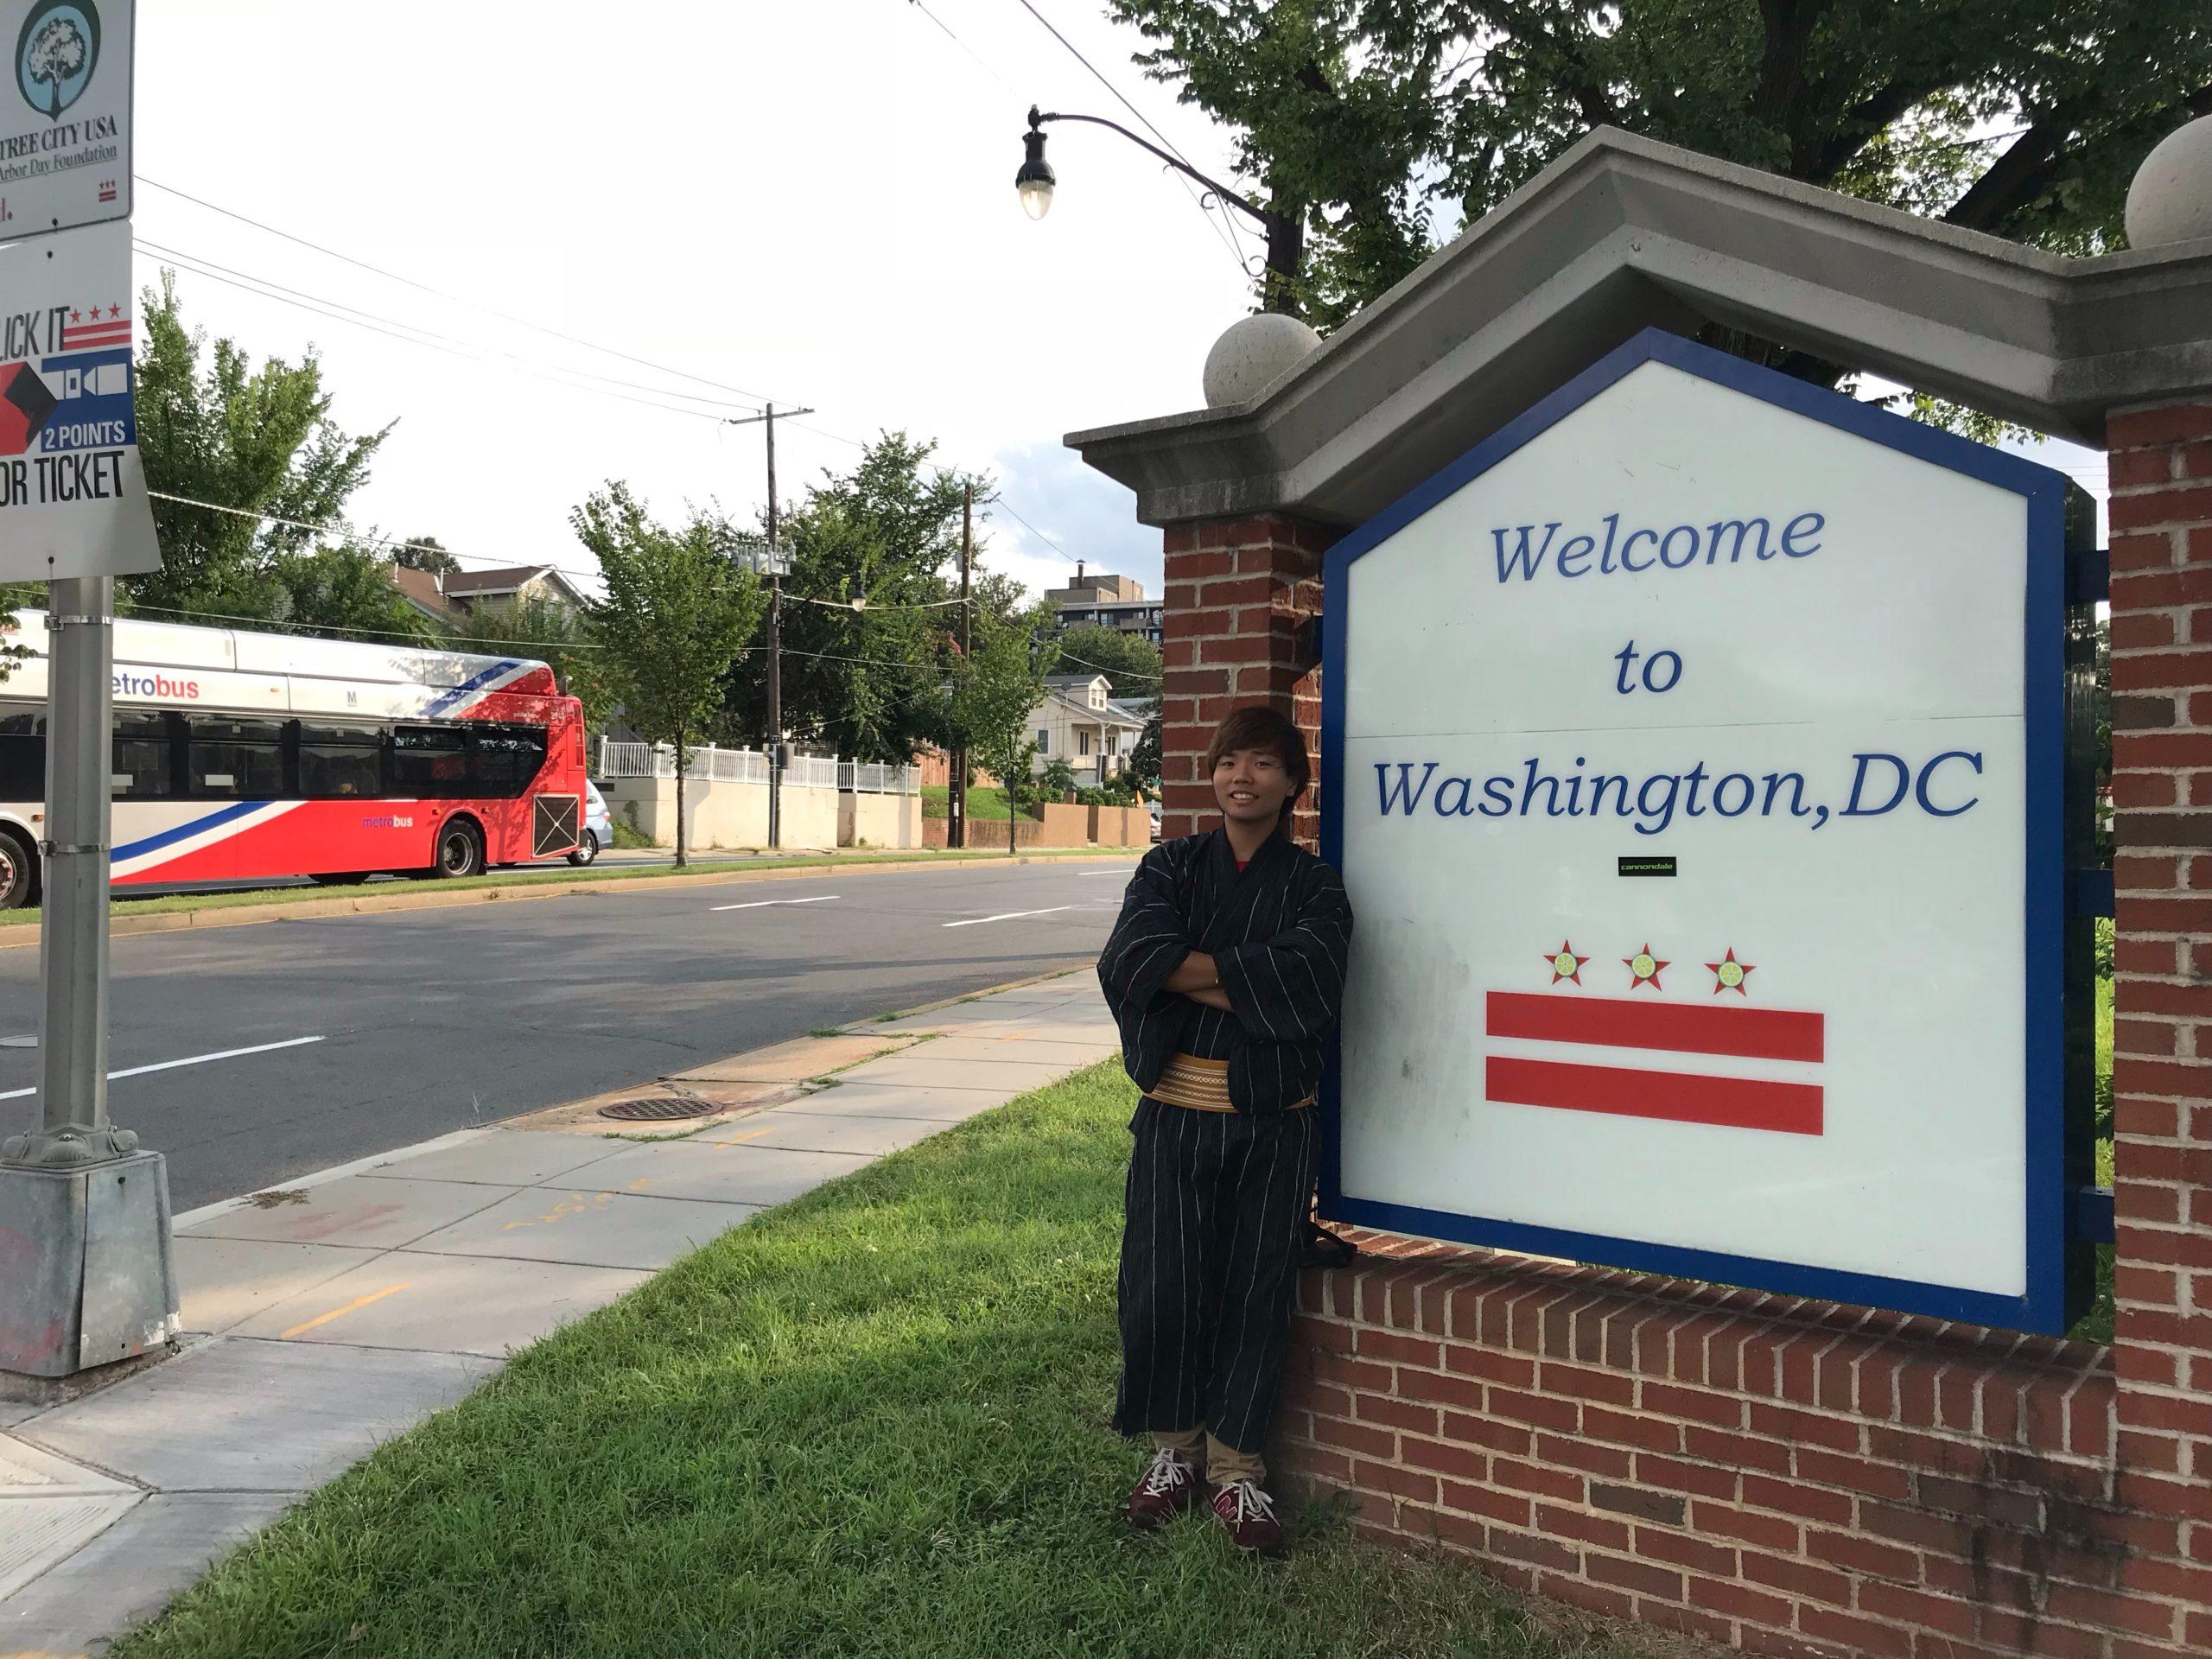 アメリカ横断中にワシントンに行った写真